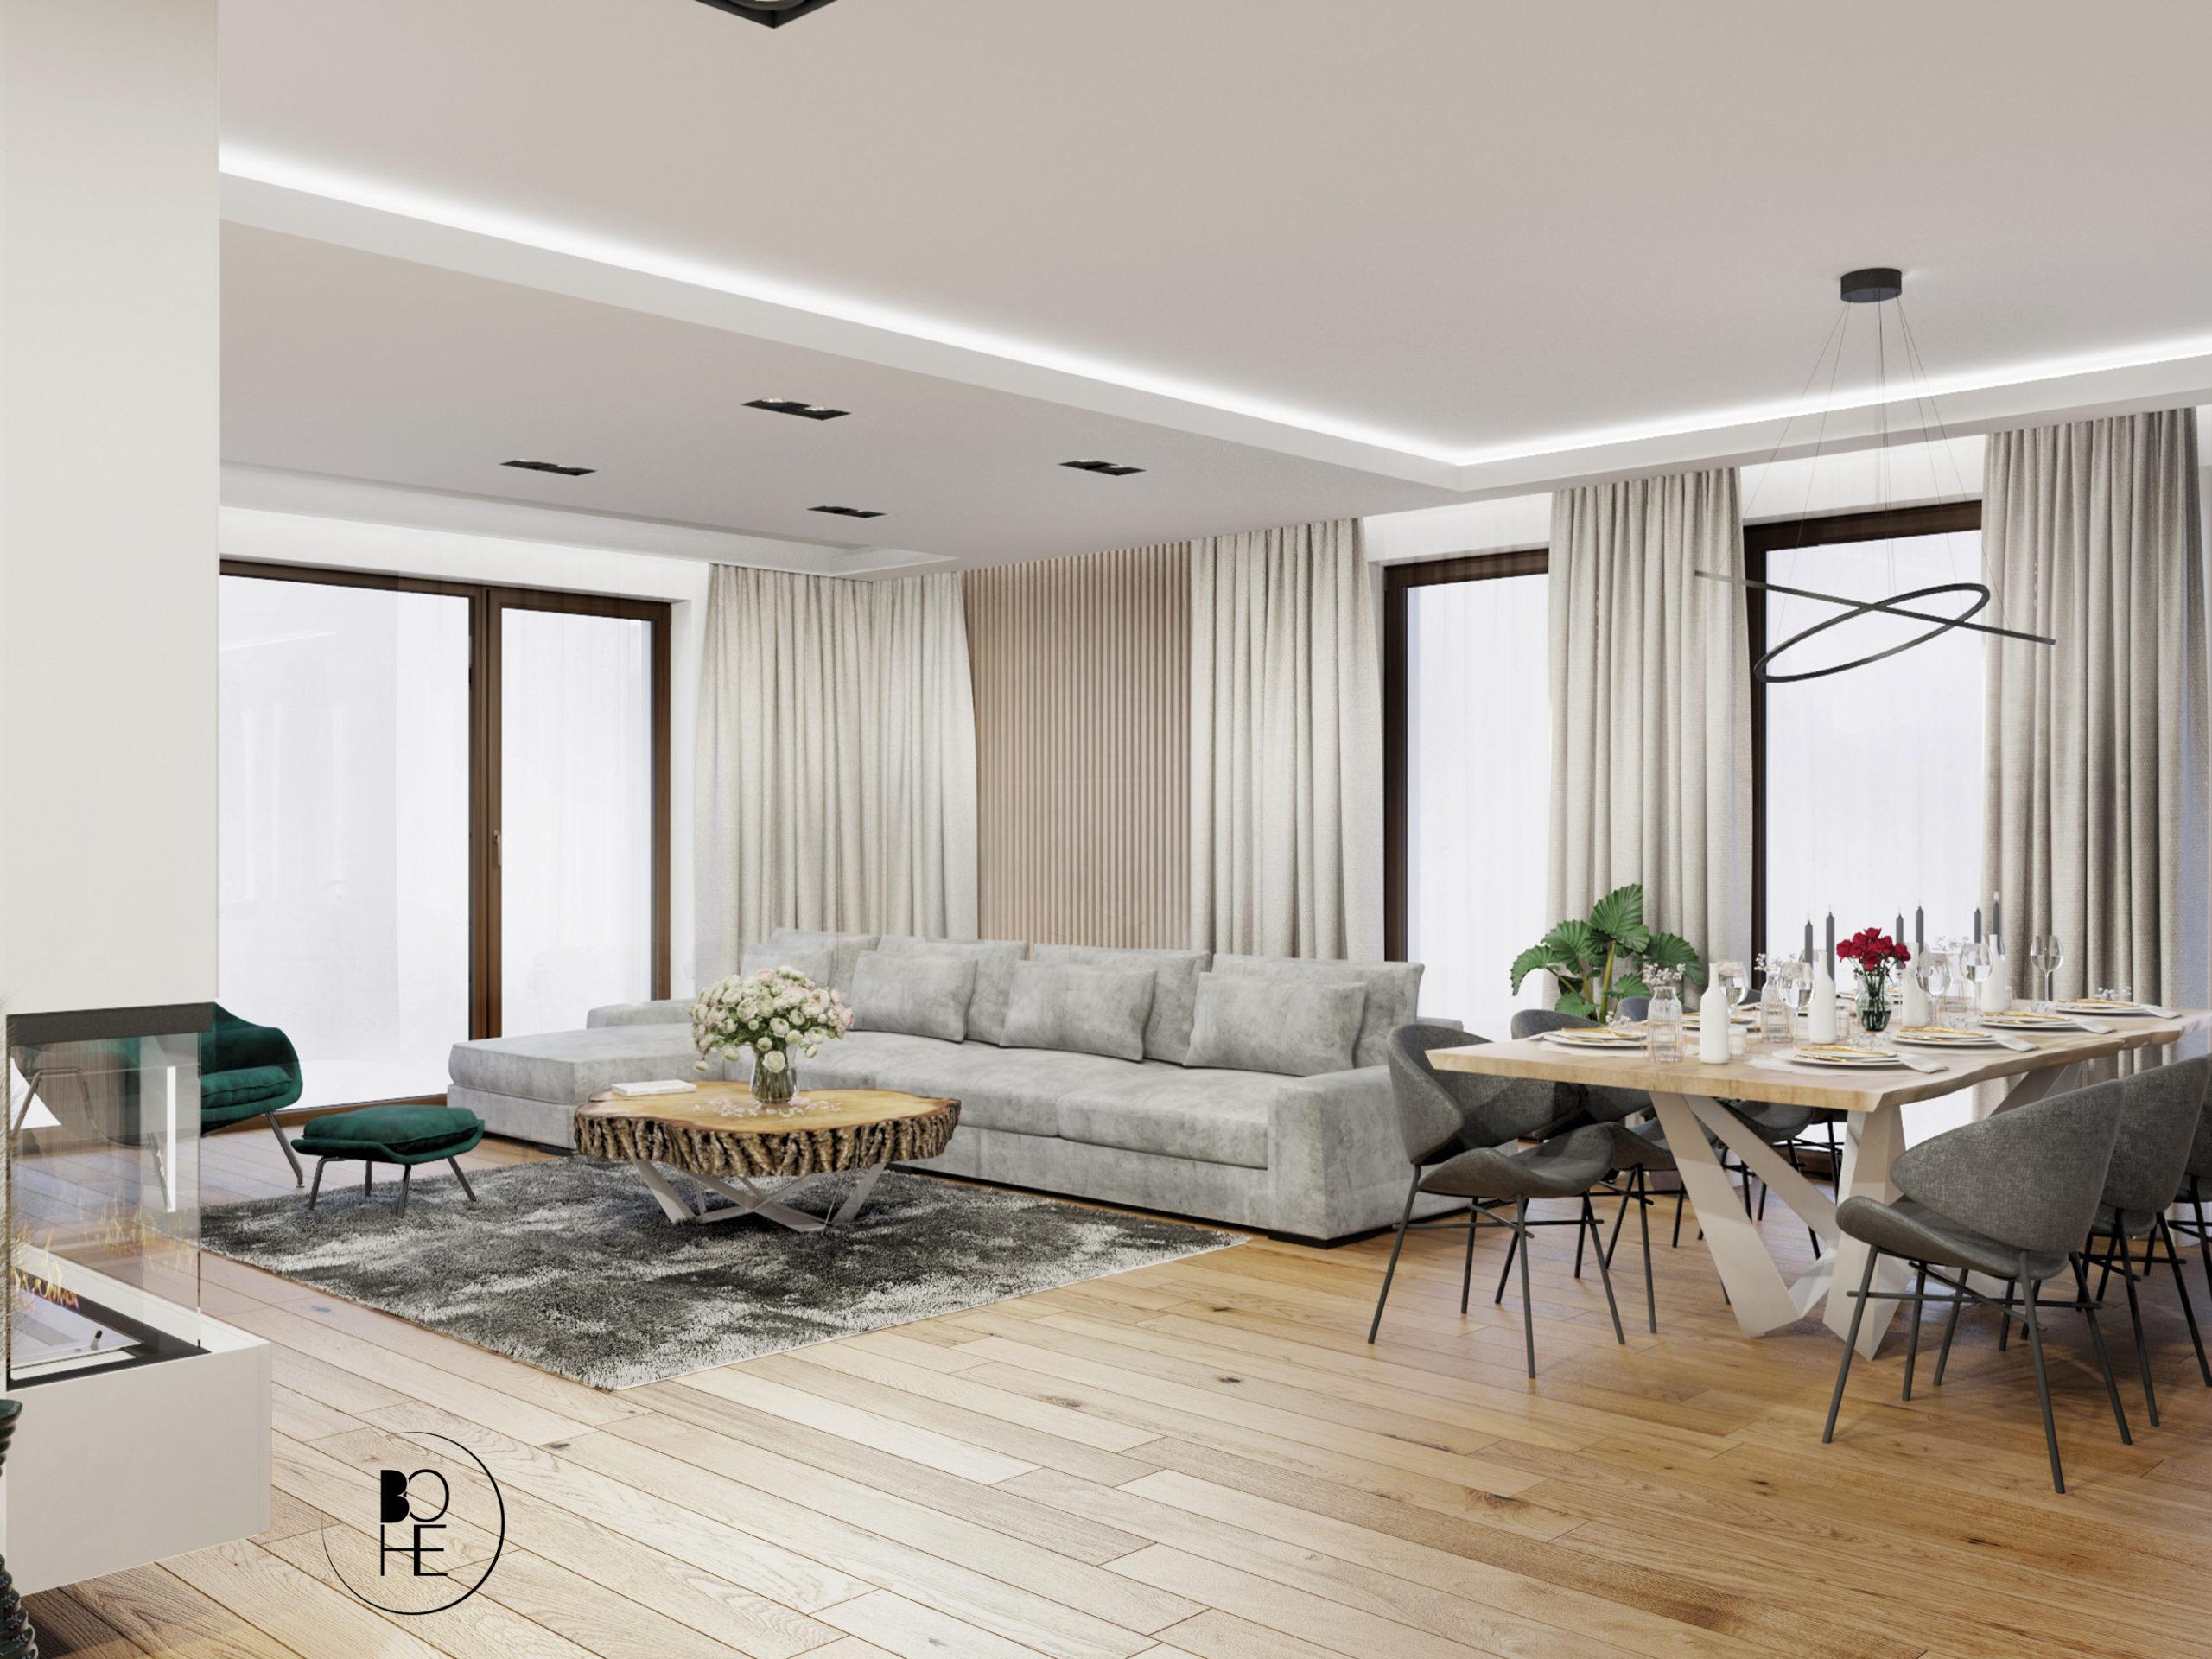 biuro projektowe białystok salon połączony z duża jadalnia i kuchnia